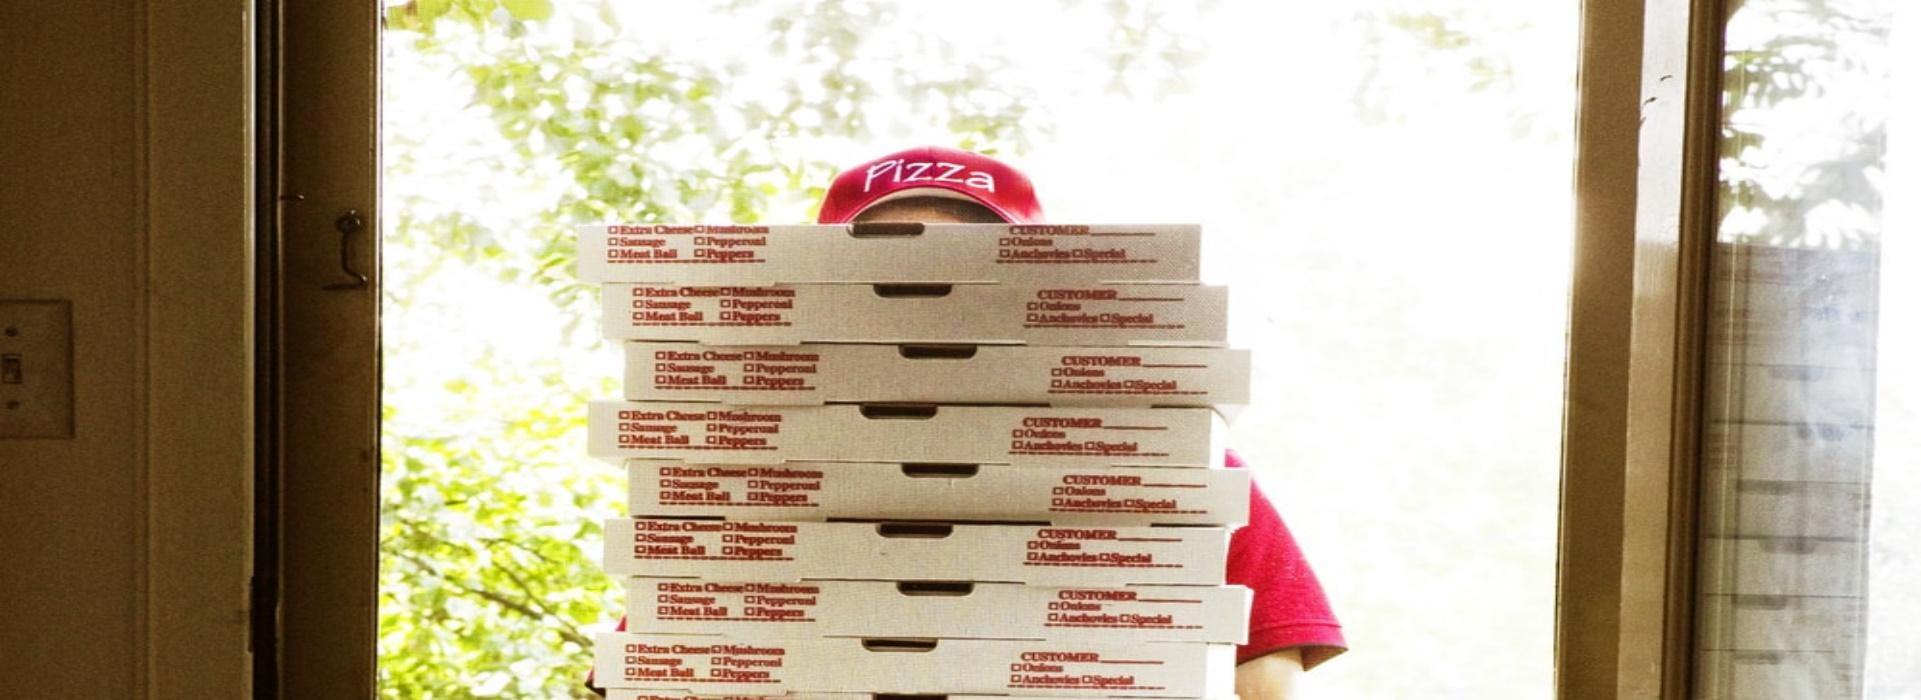 pizza_adisyon_sistemi